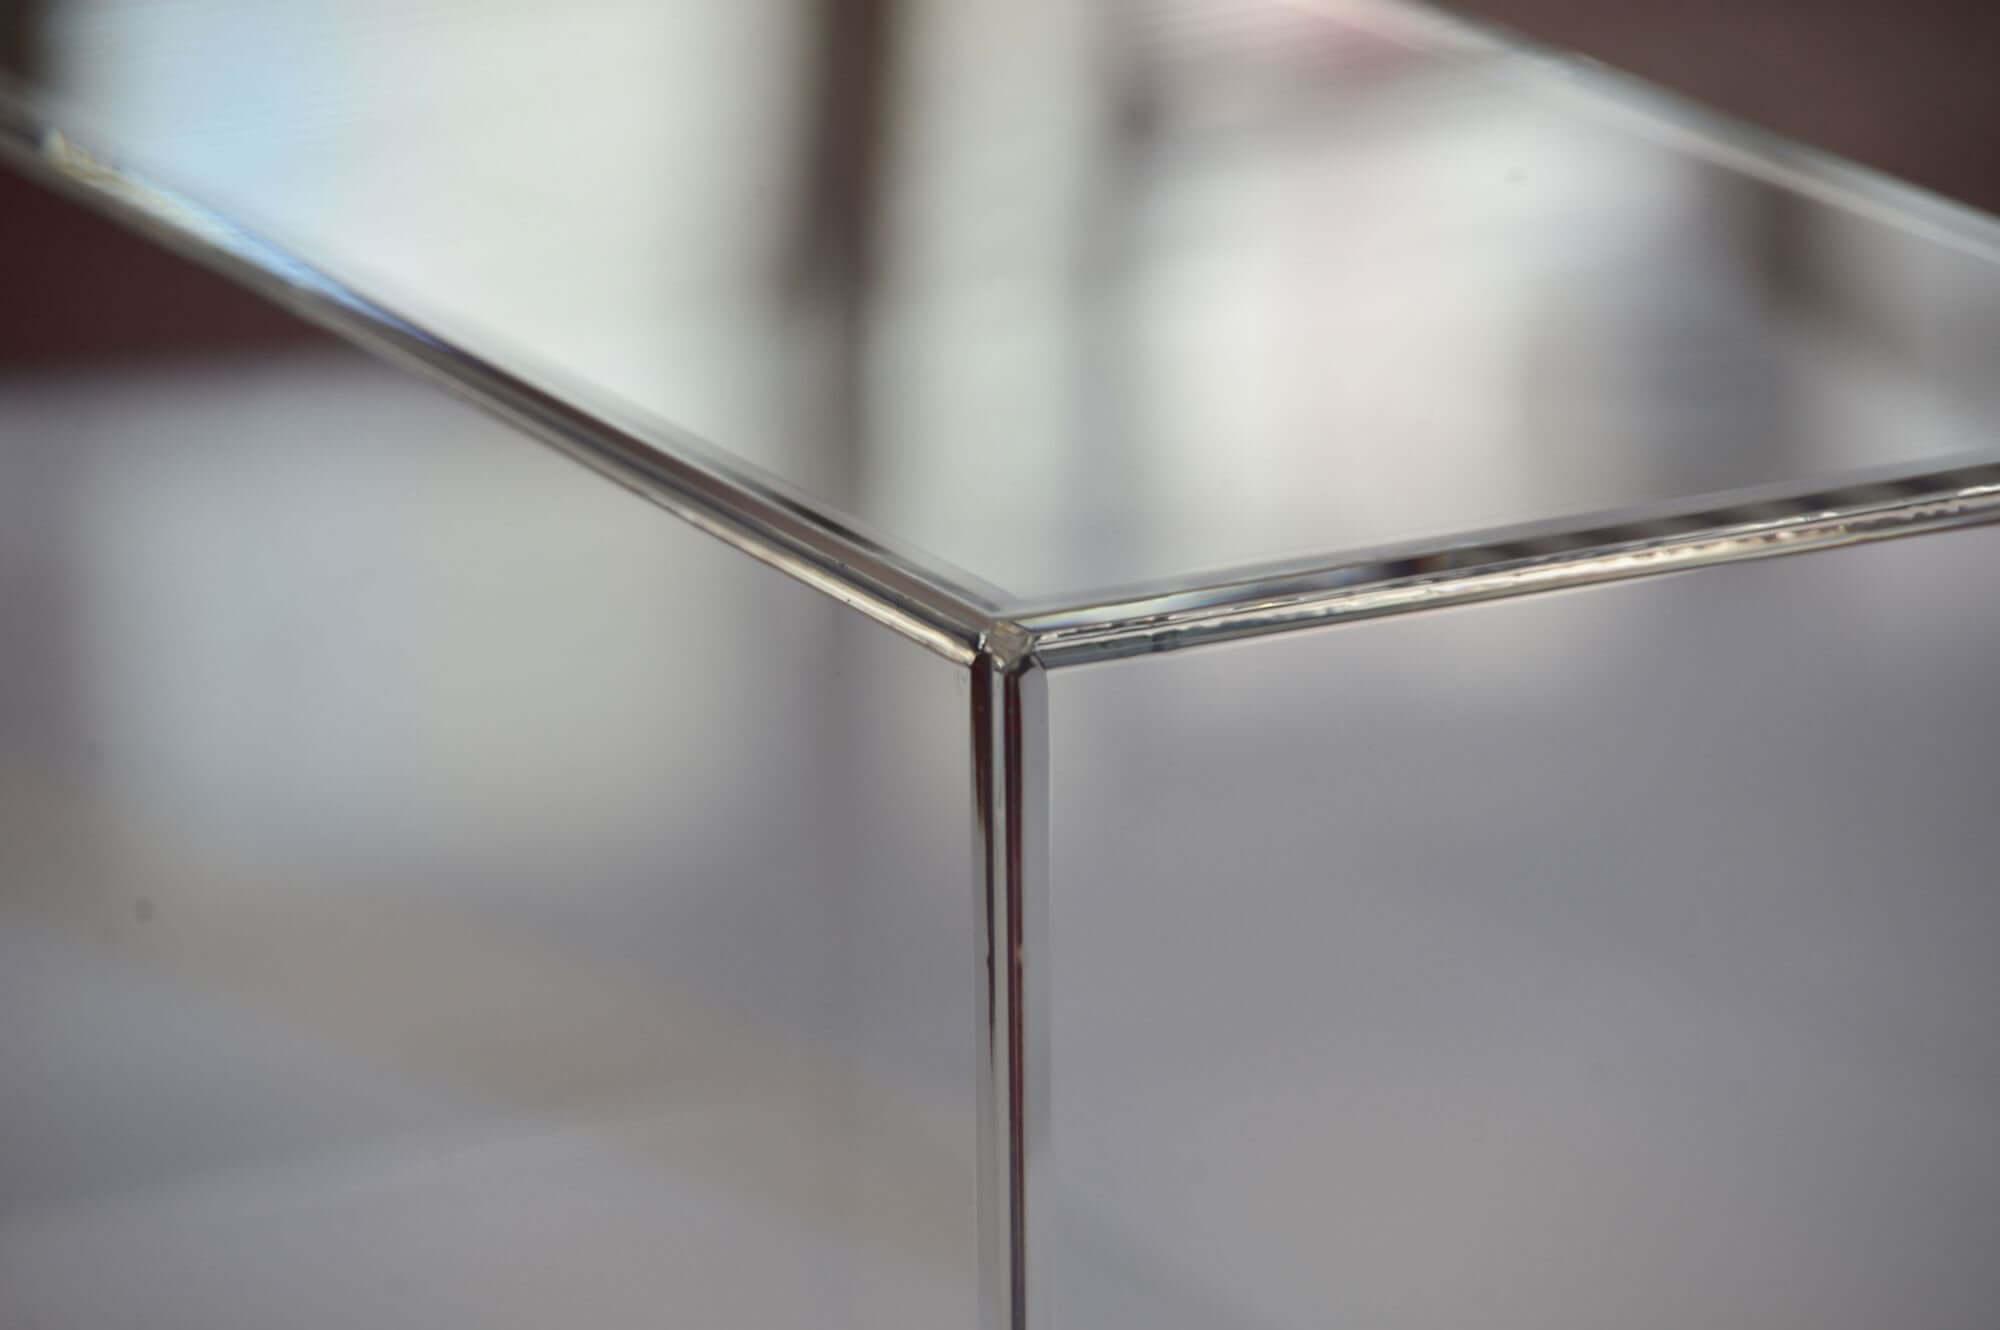 Acryline Verbindungstechnik Kunststoff Acryl Produktion Beratung Herstellung Konstruktion Zürich